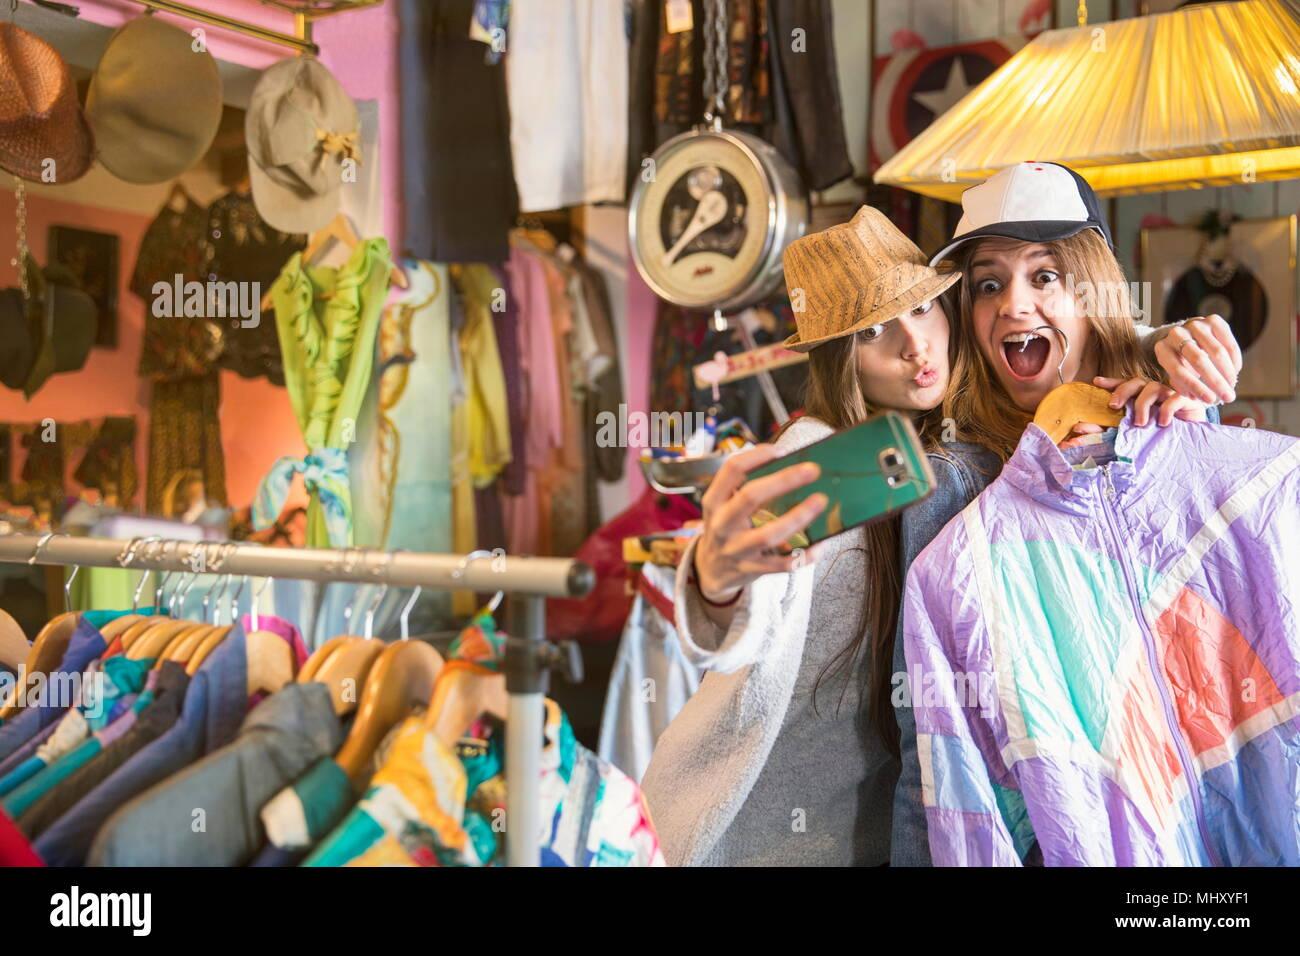 Les amis de prendre en selfies thrift store Photo Stock